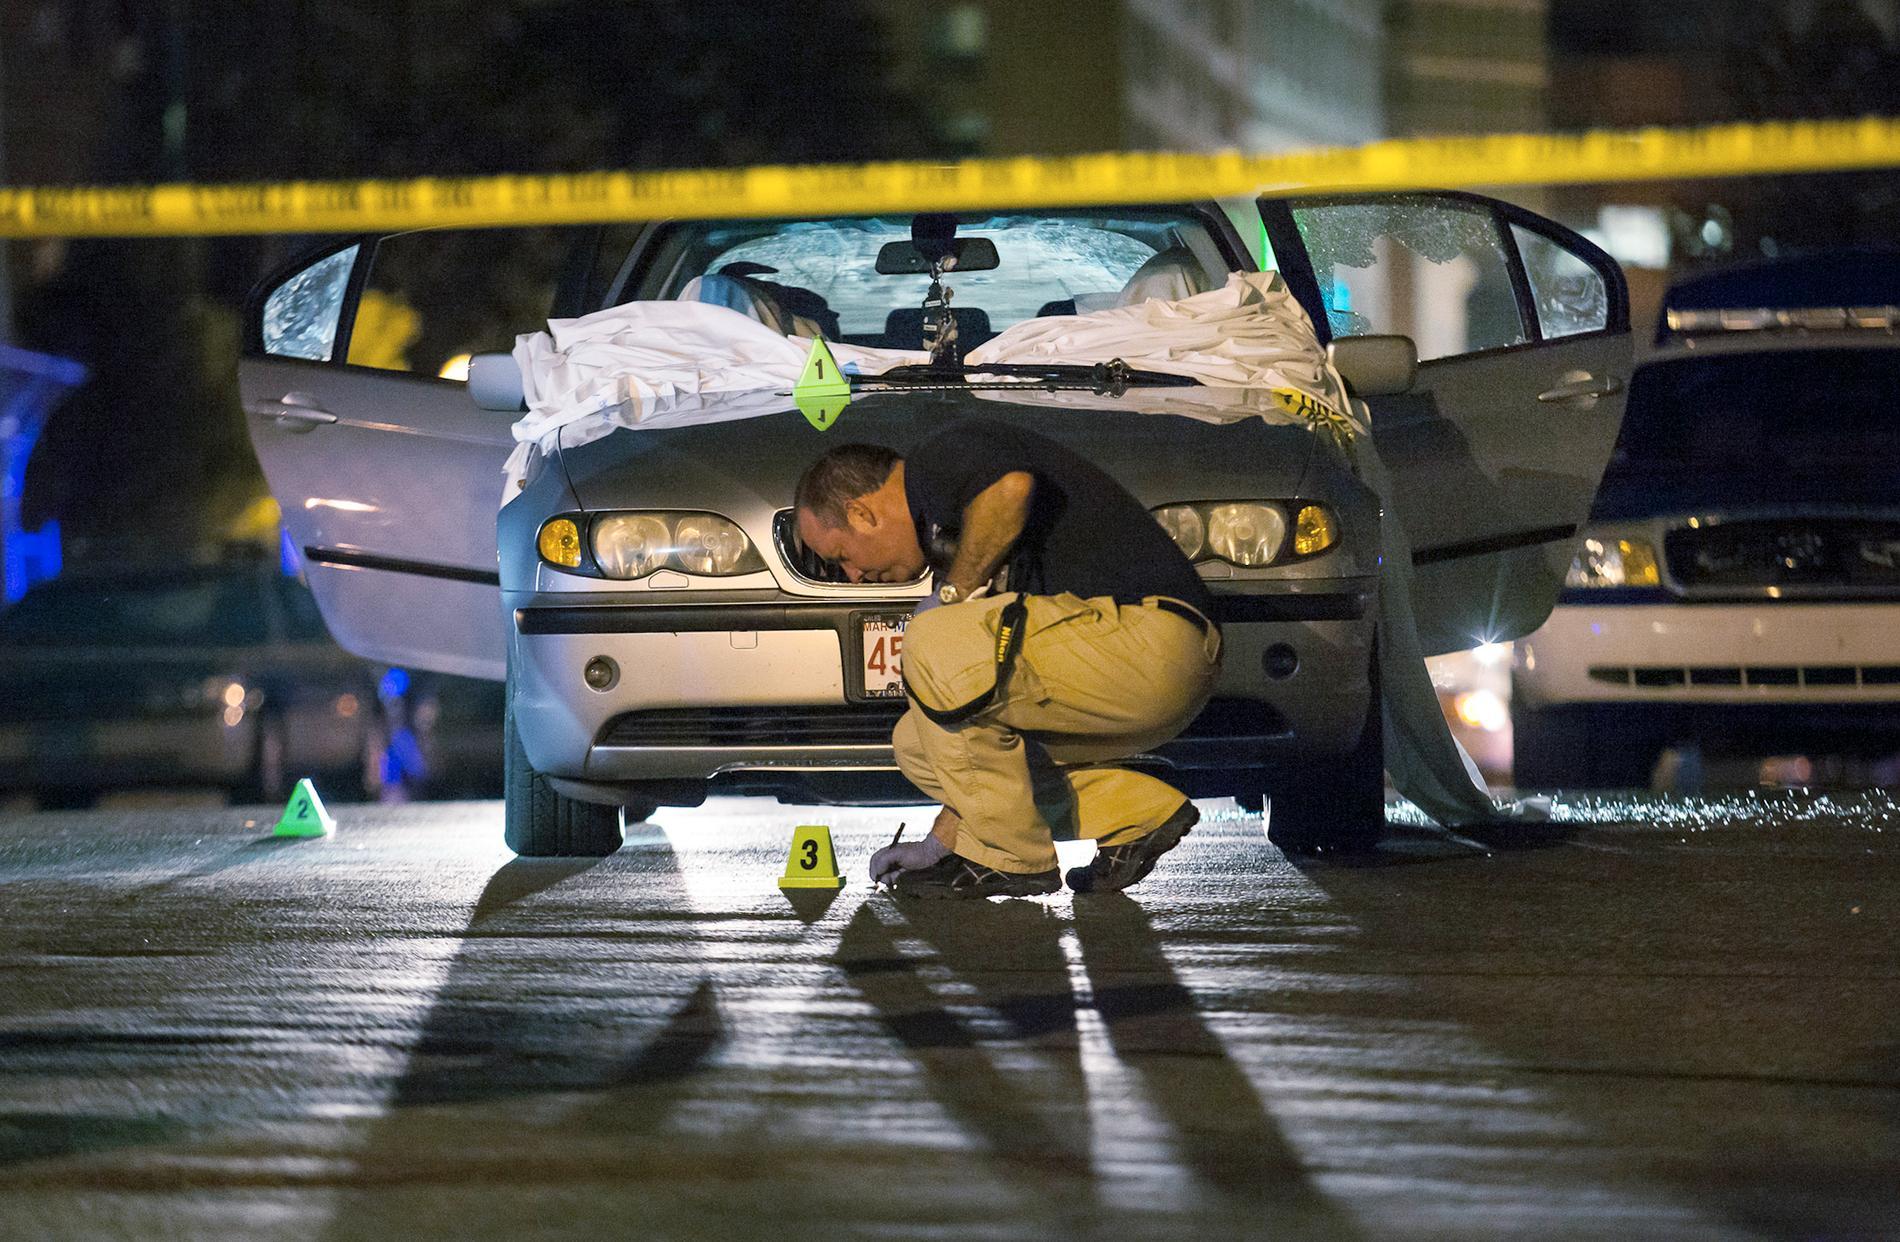 Aaron Hernandez pekades ut för dubbelmordet på Daniel de Abreu och Safiro Furtado i Boston 2012.